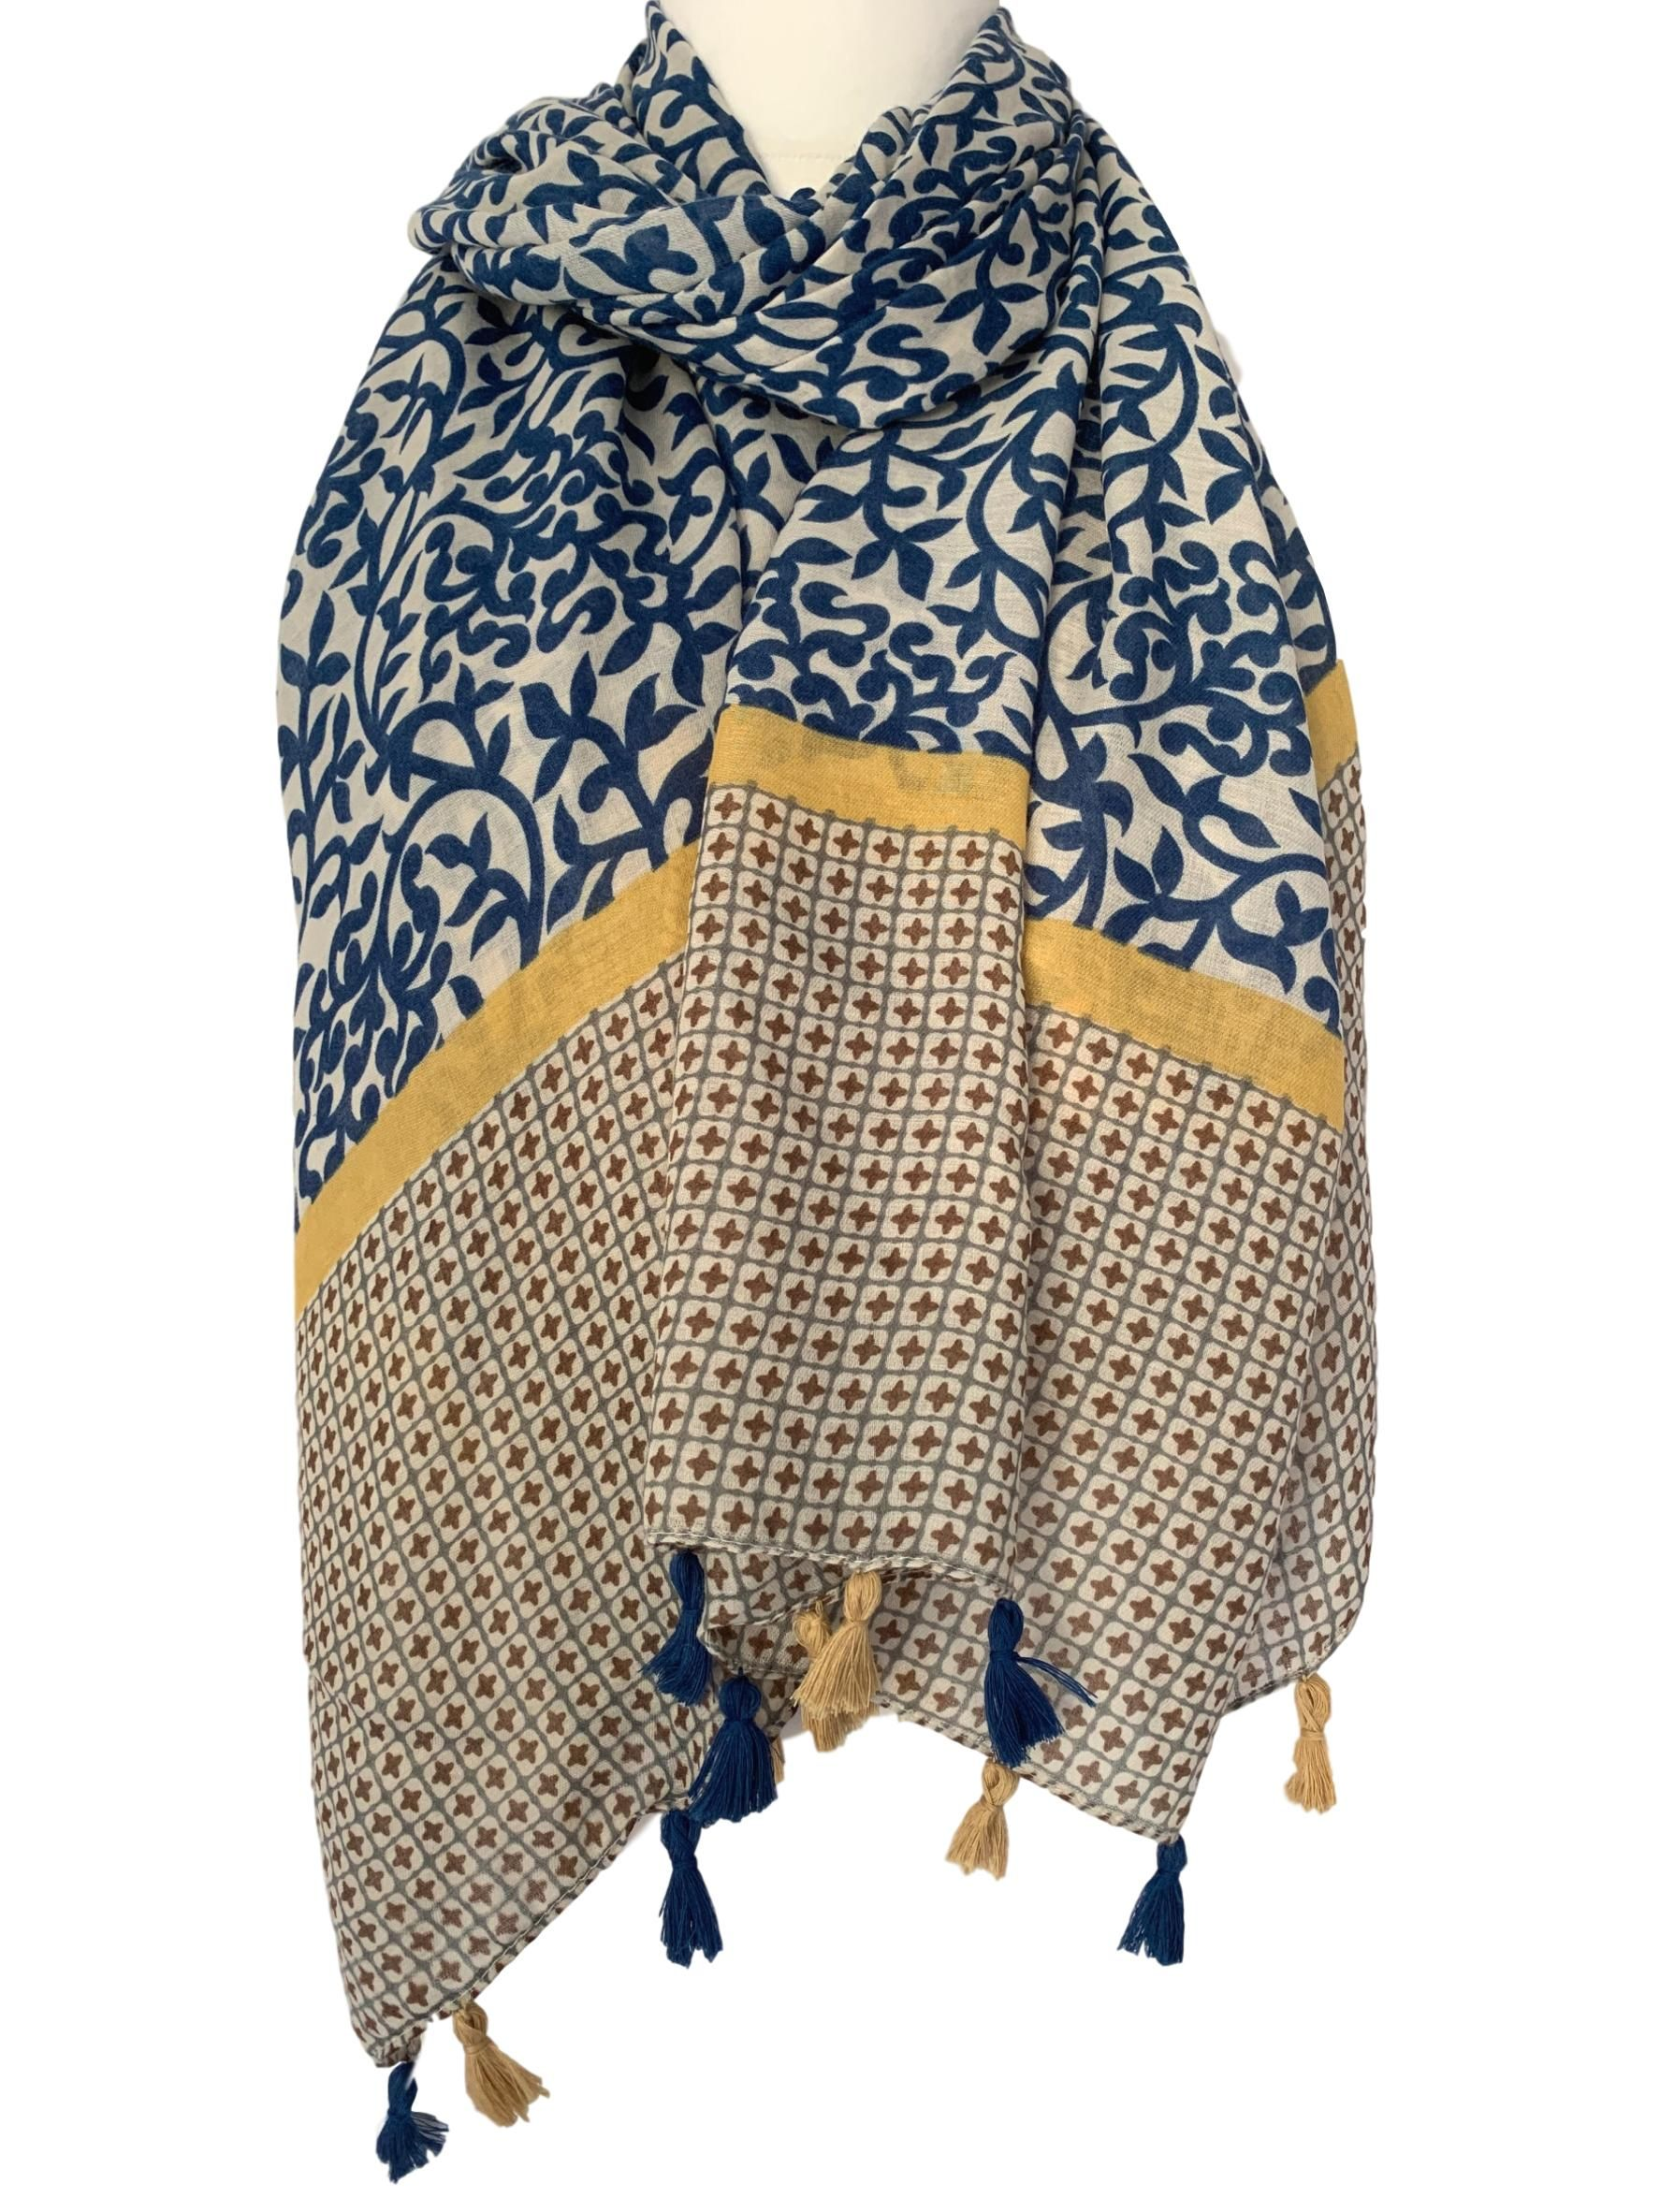 Ivory Pashmina Wrap Long Wide Lightweight Shawl Stole Large Oversized Scarf New